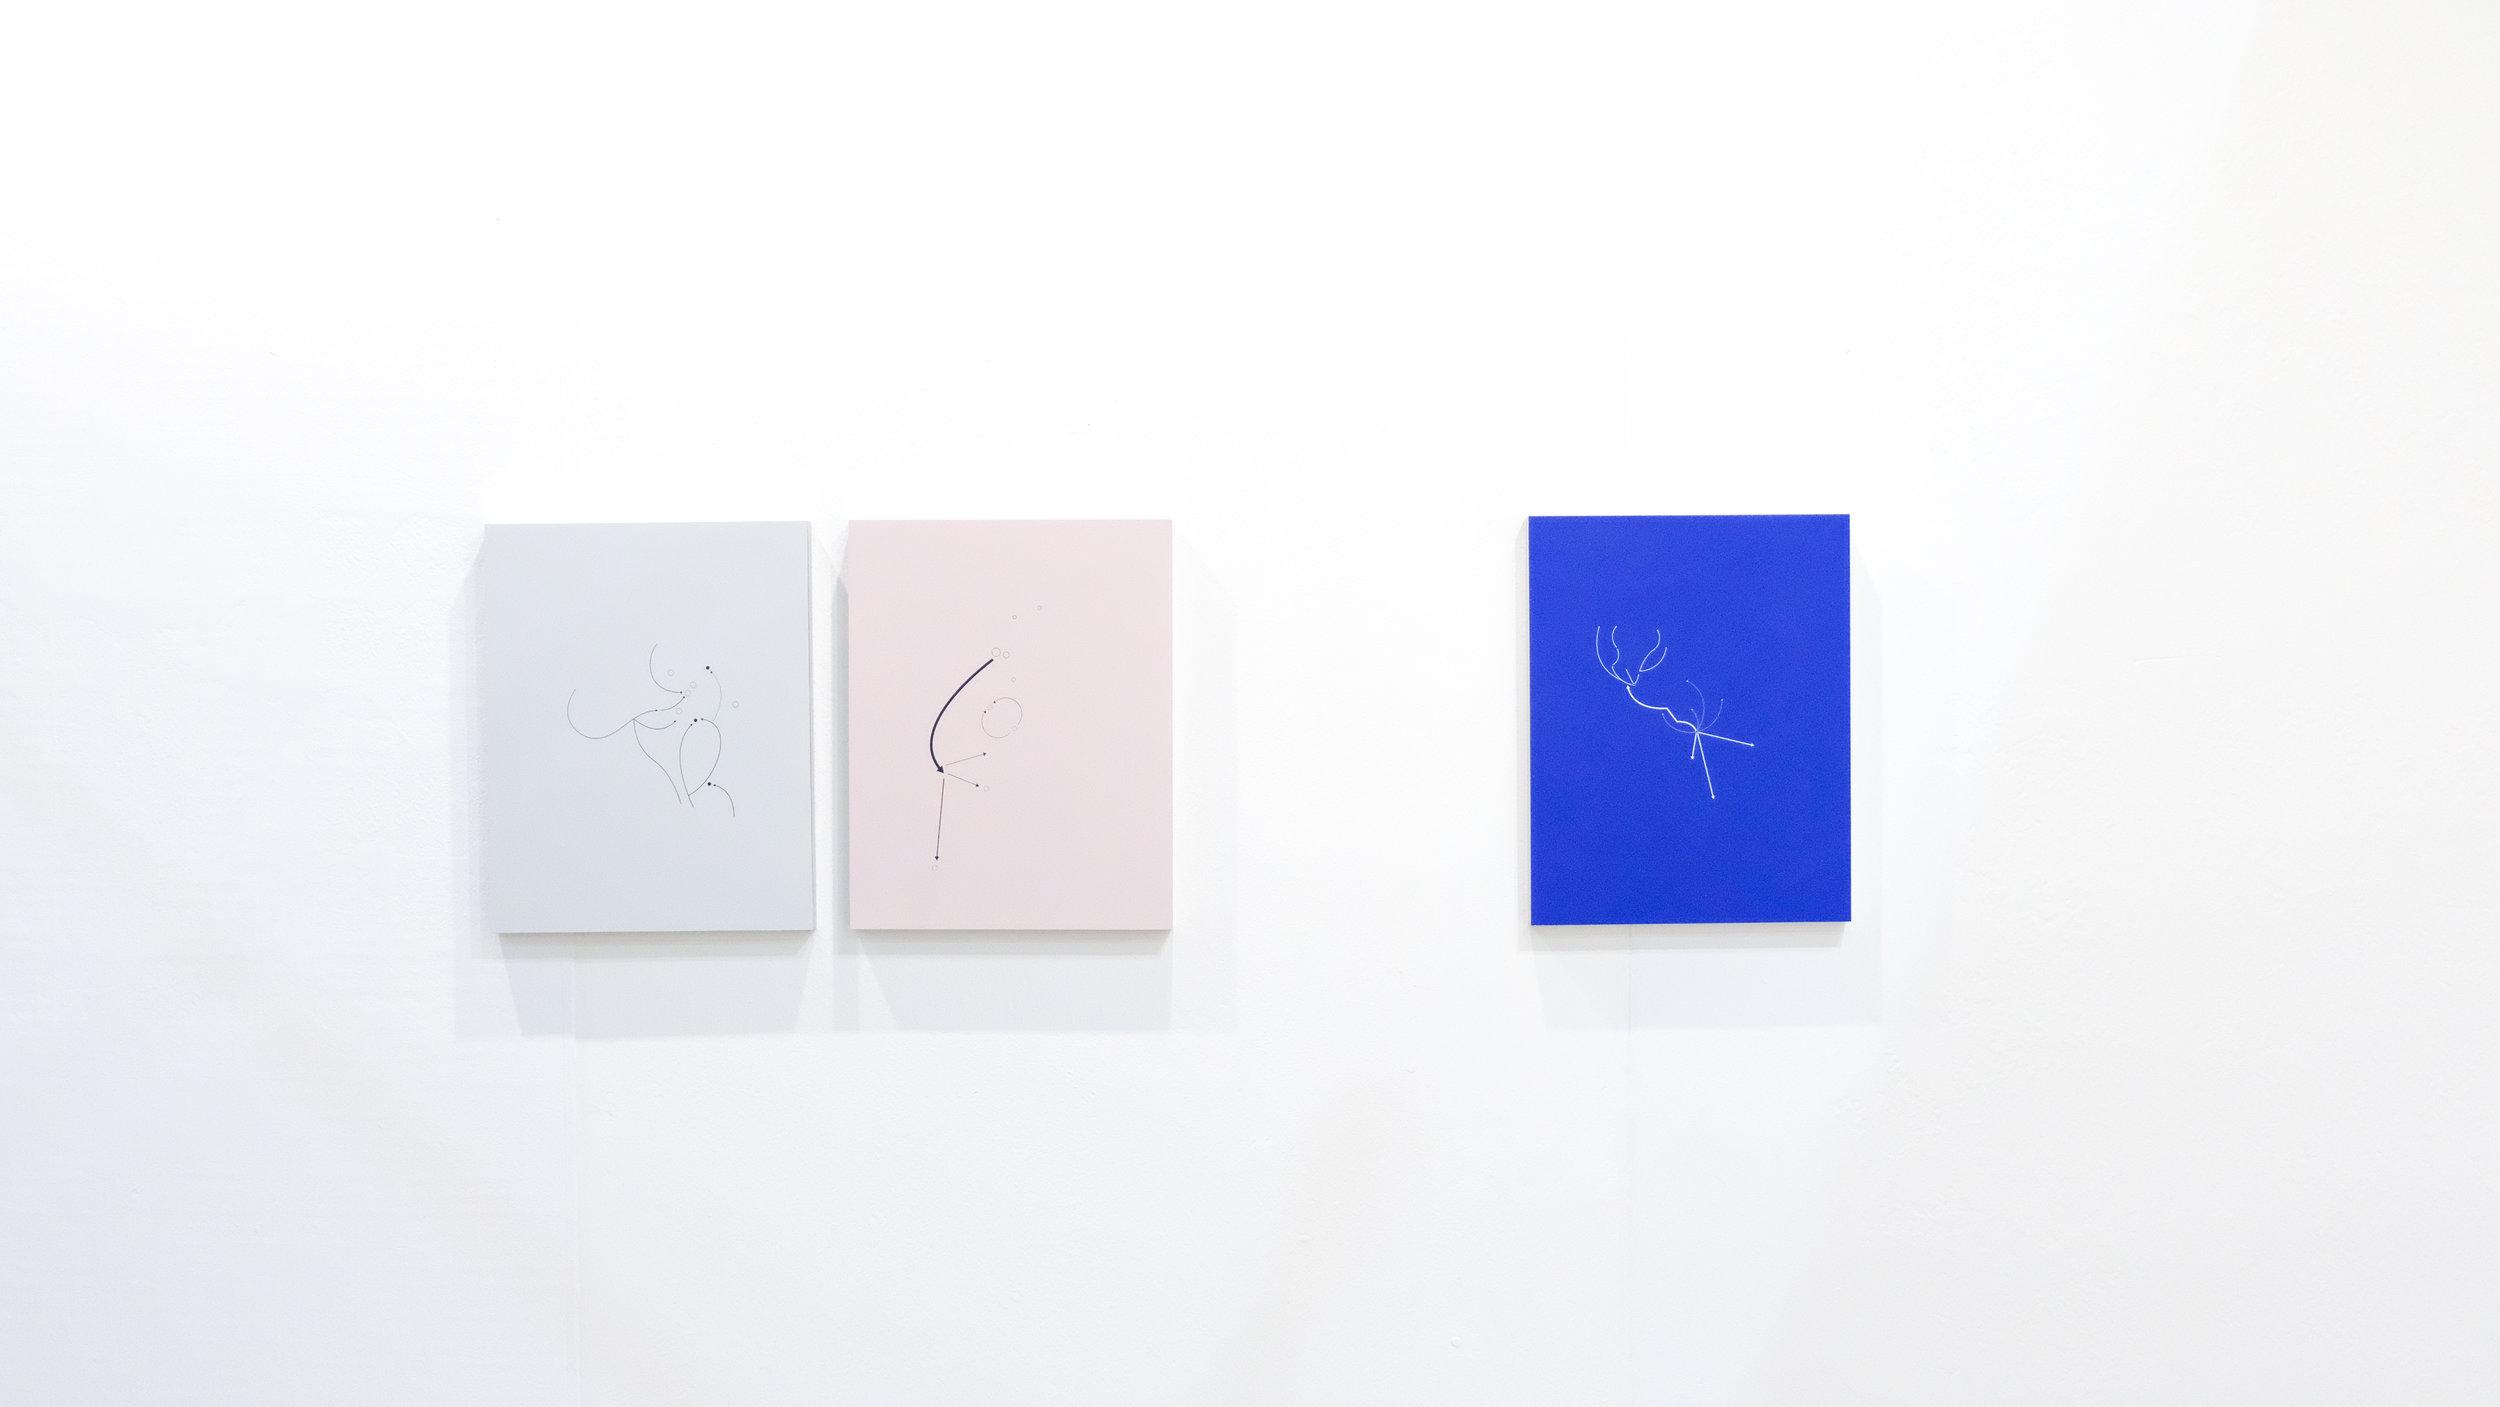 Maya Saravaia / CO - MX, H y MQ, 2018 / Serigrafía y pintura spray sobre aluminio / 38 x 30 cm c/u